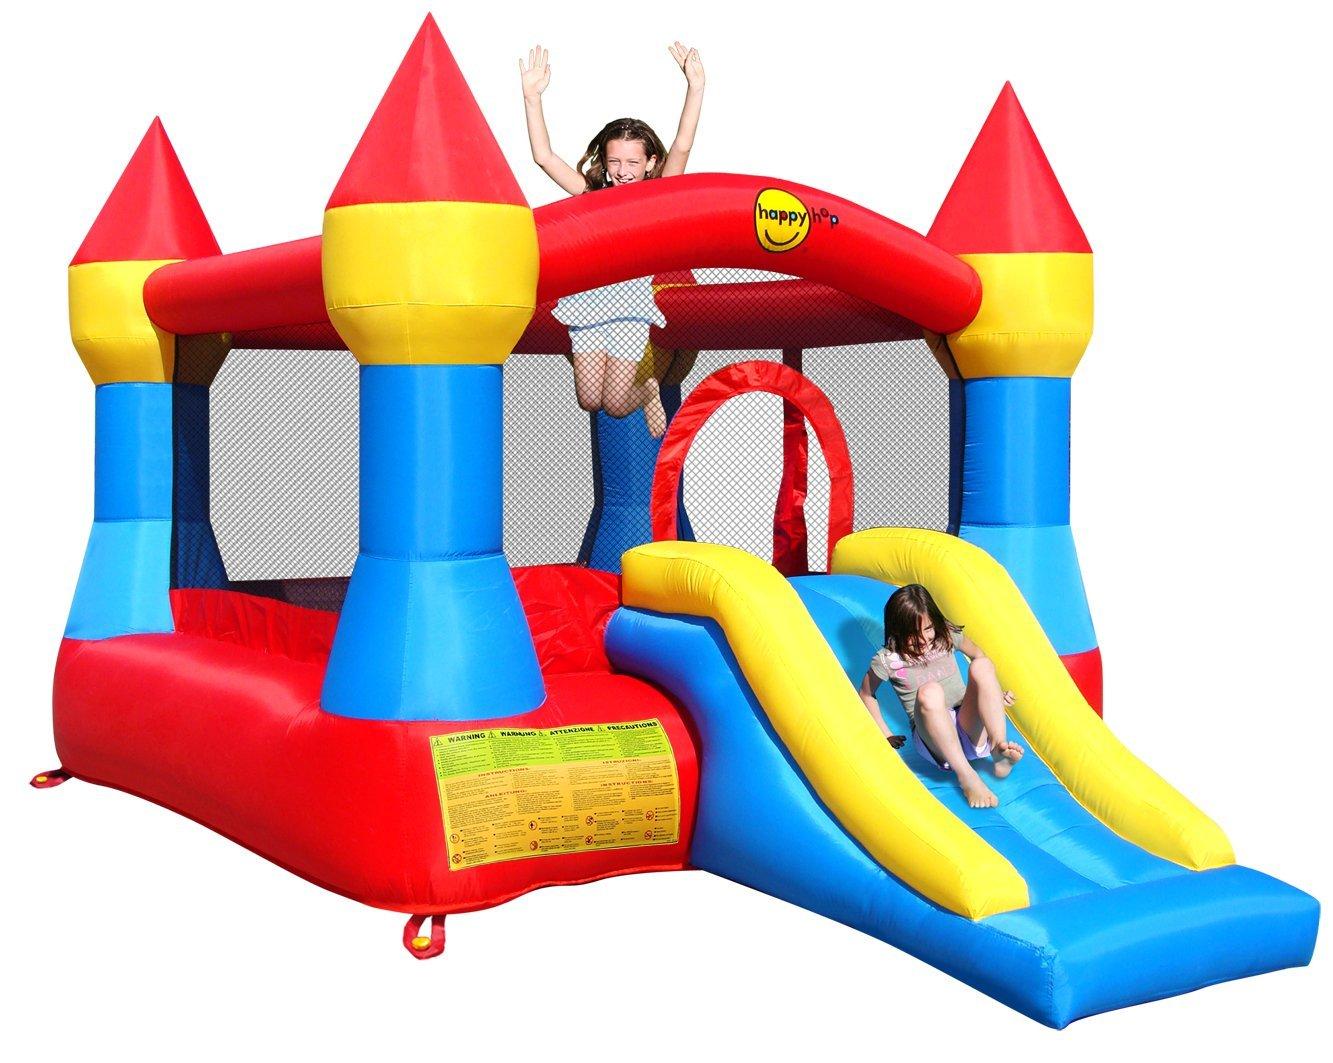 Conseils pour acheter un ch teau gonflable meilleur trampoline - Structure gonflable achat ...